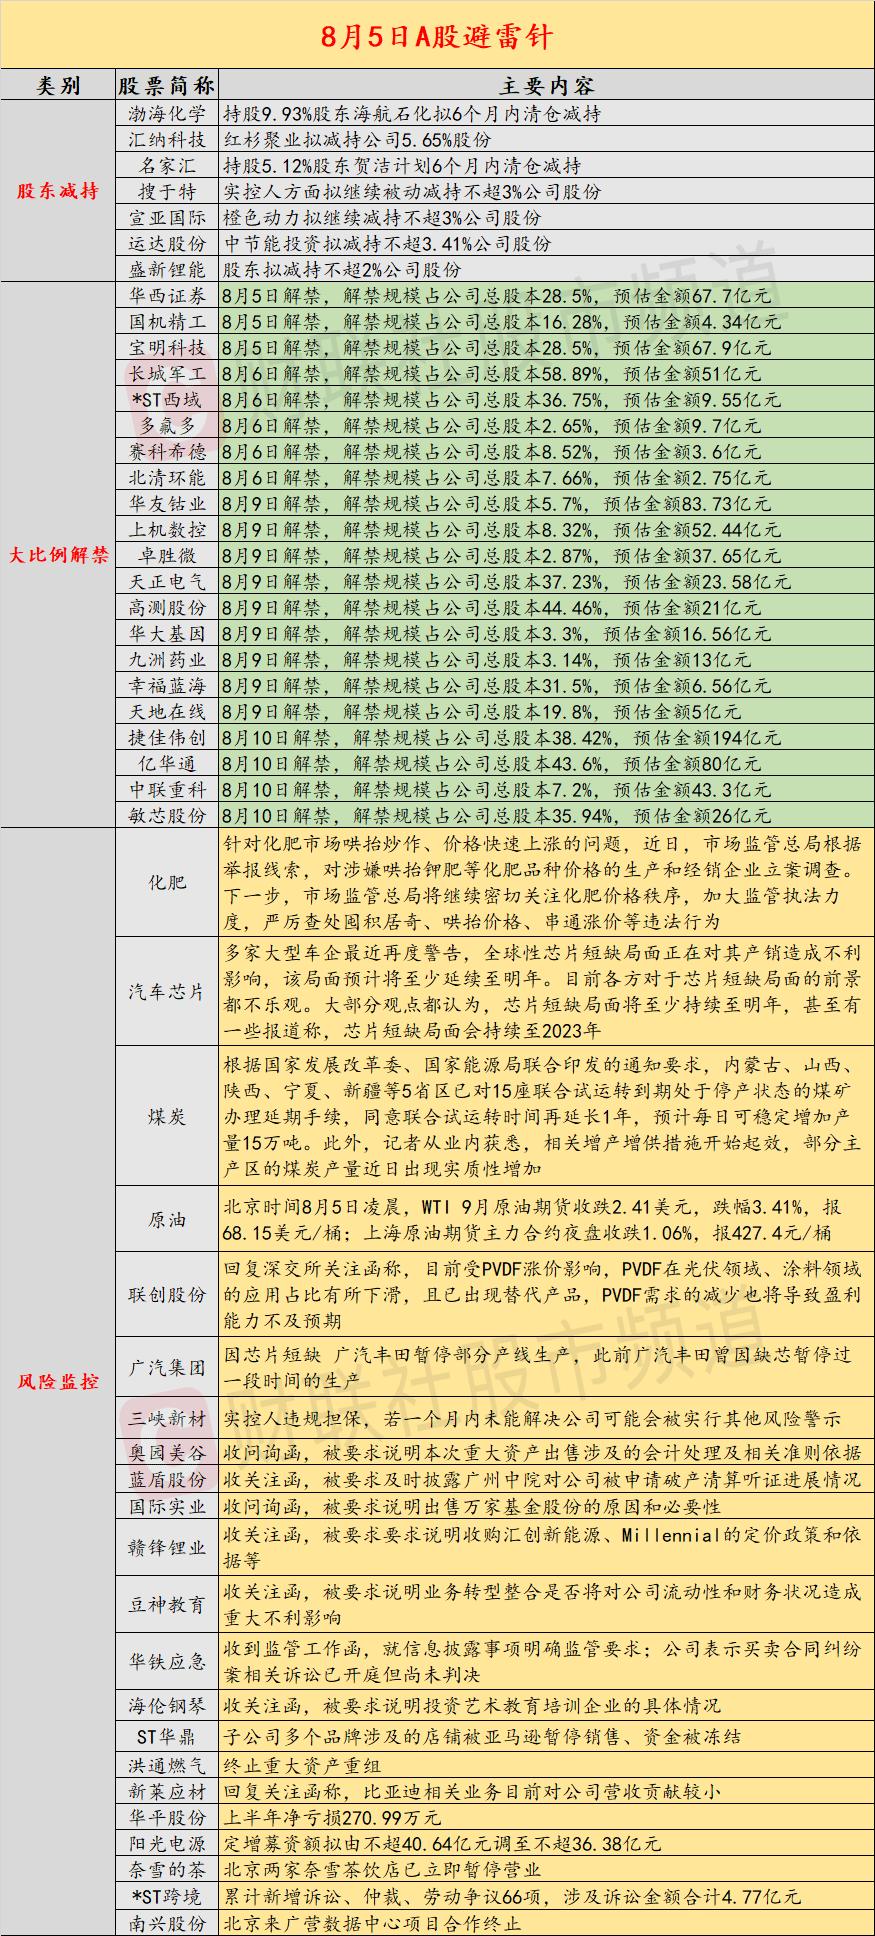 《天游线路检测中心注册测速-天游注册登录指定【官网授权】-渤海化学将迎来近10%的清仓式减持》